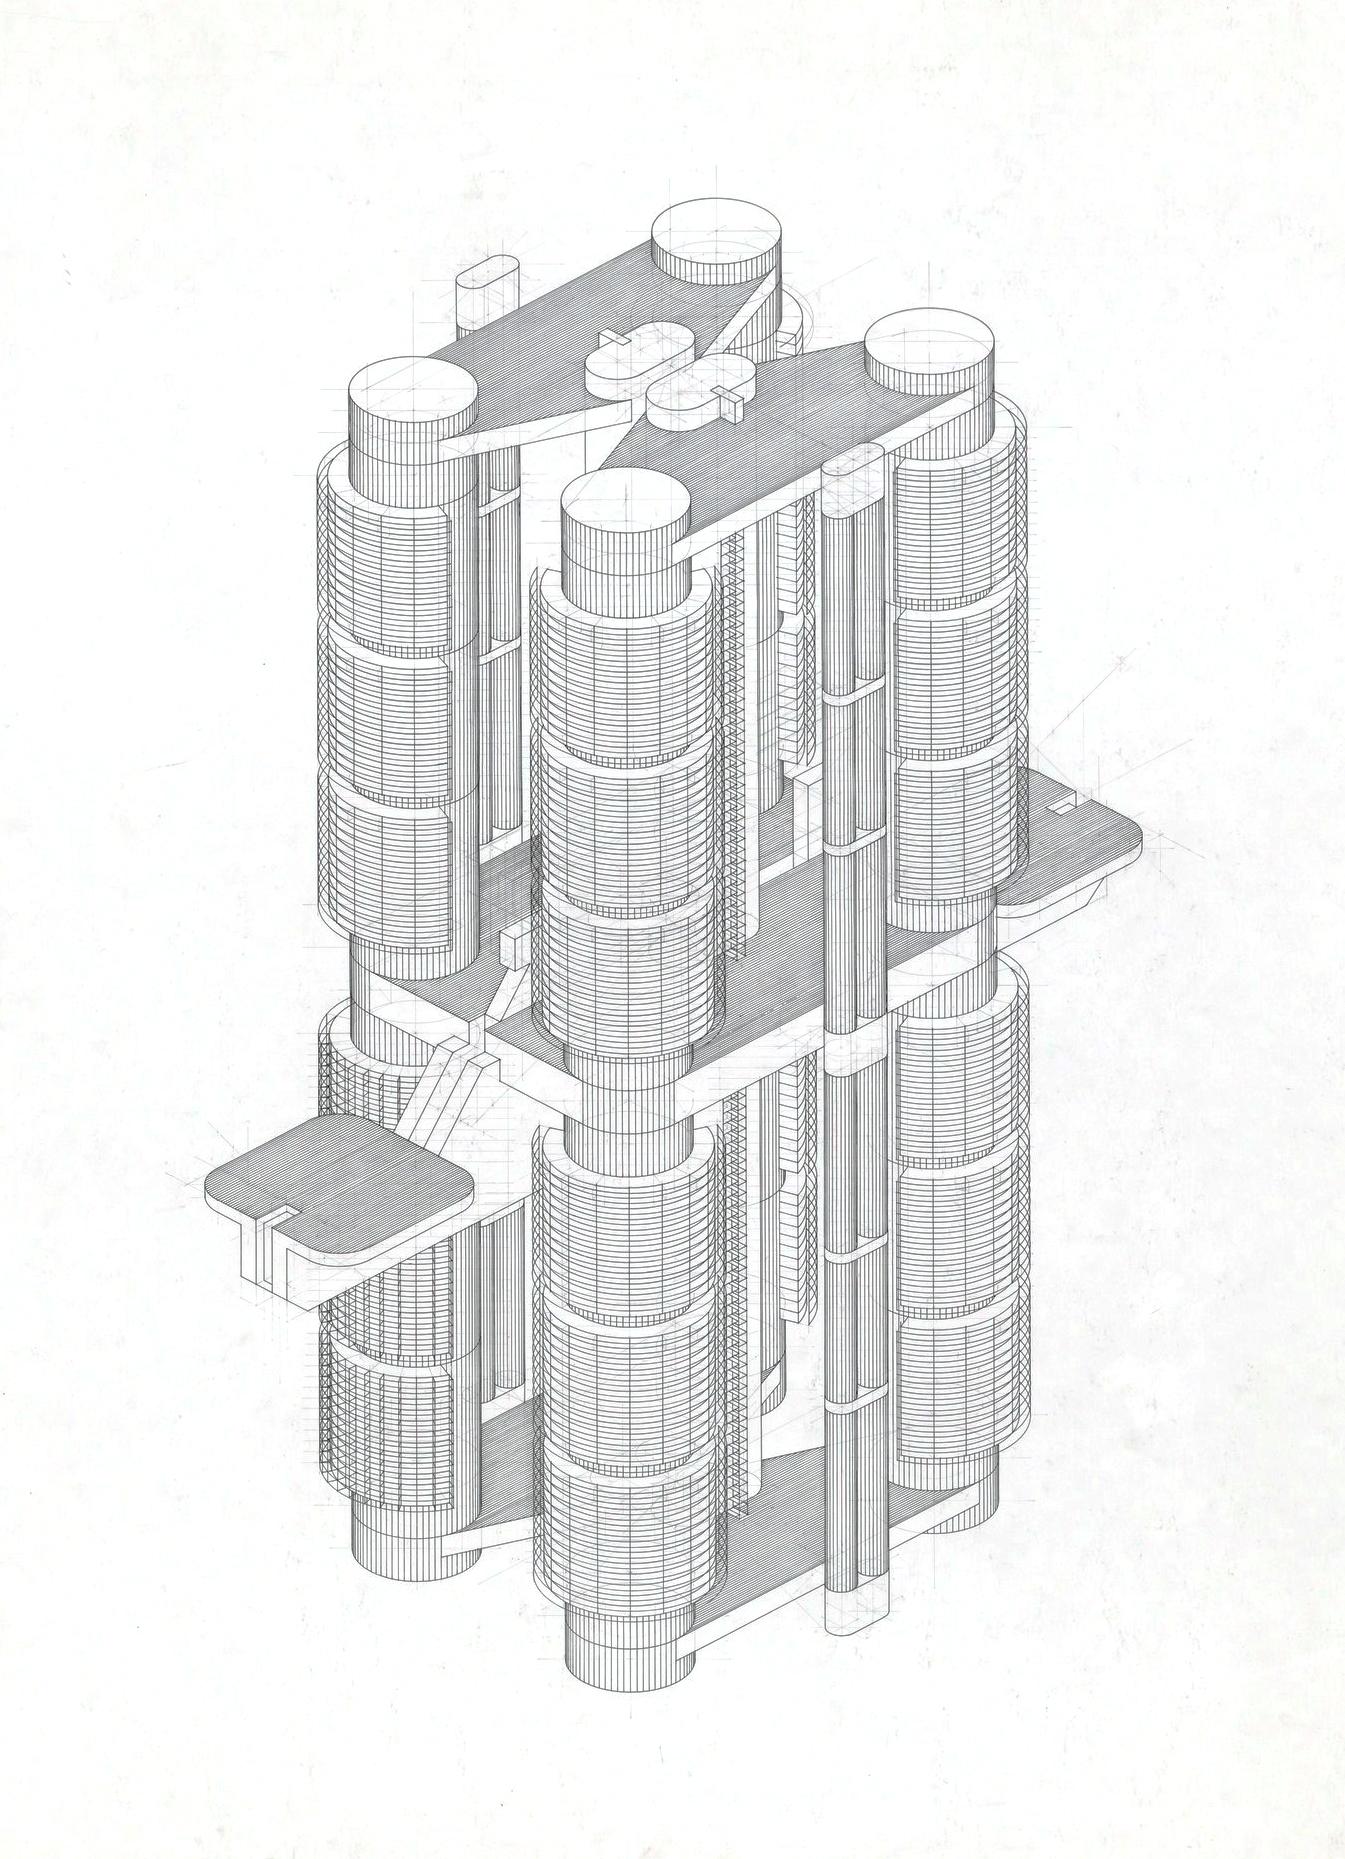 Friedrich St Florian Vertical City